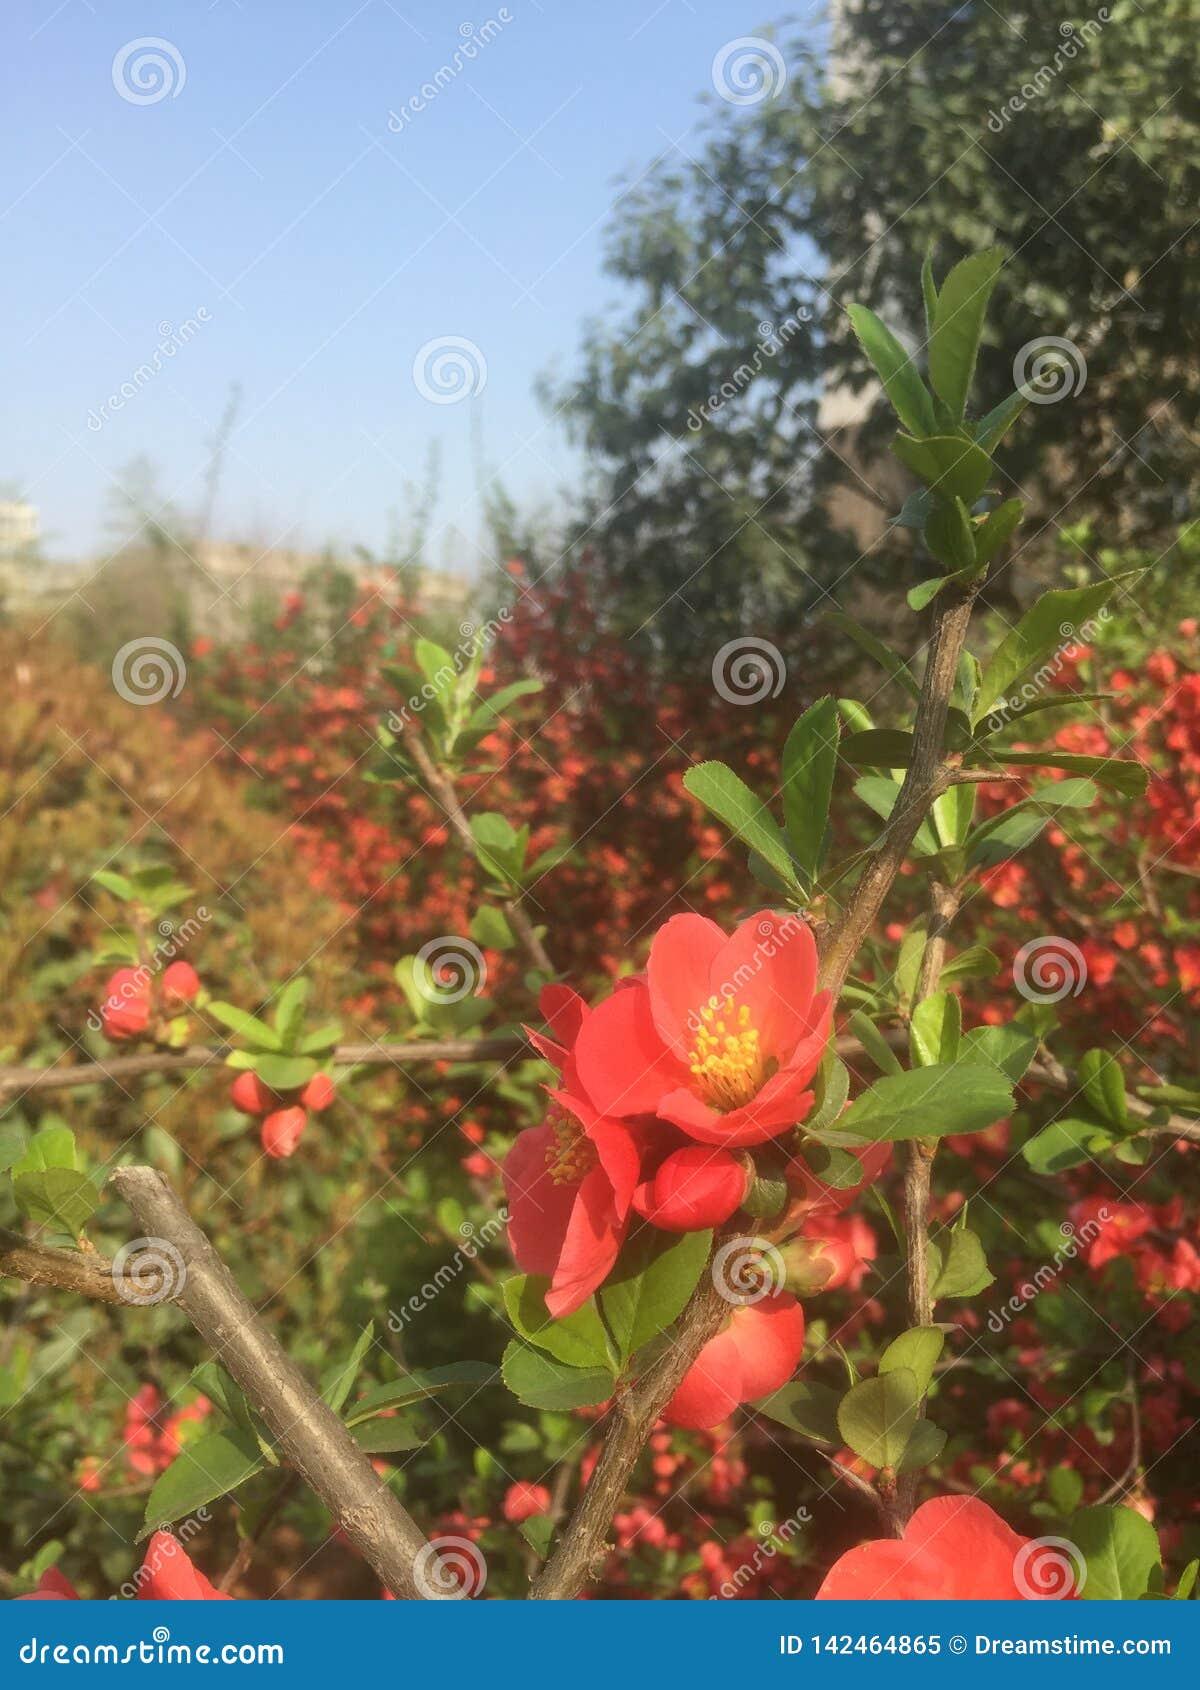 Molti bei piccoli fiori rossi nella molla in anticipo